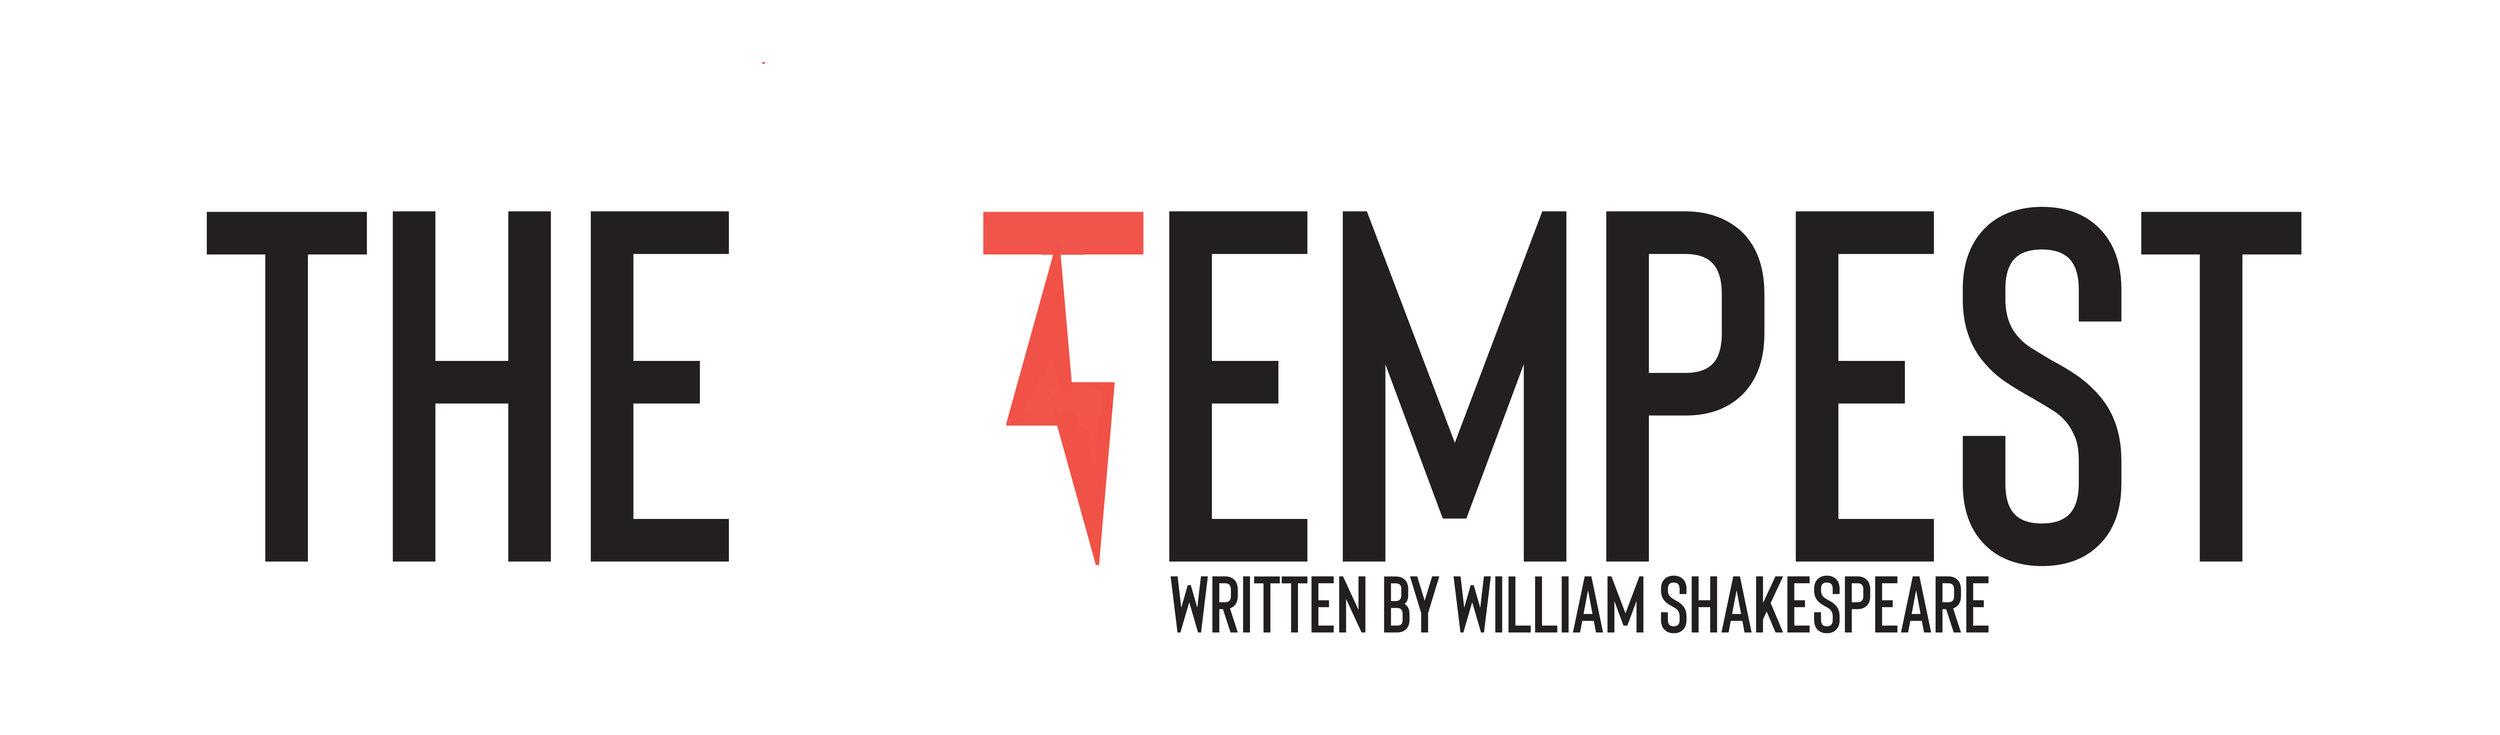 tempest logo on white.jpg